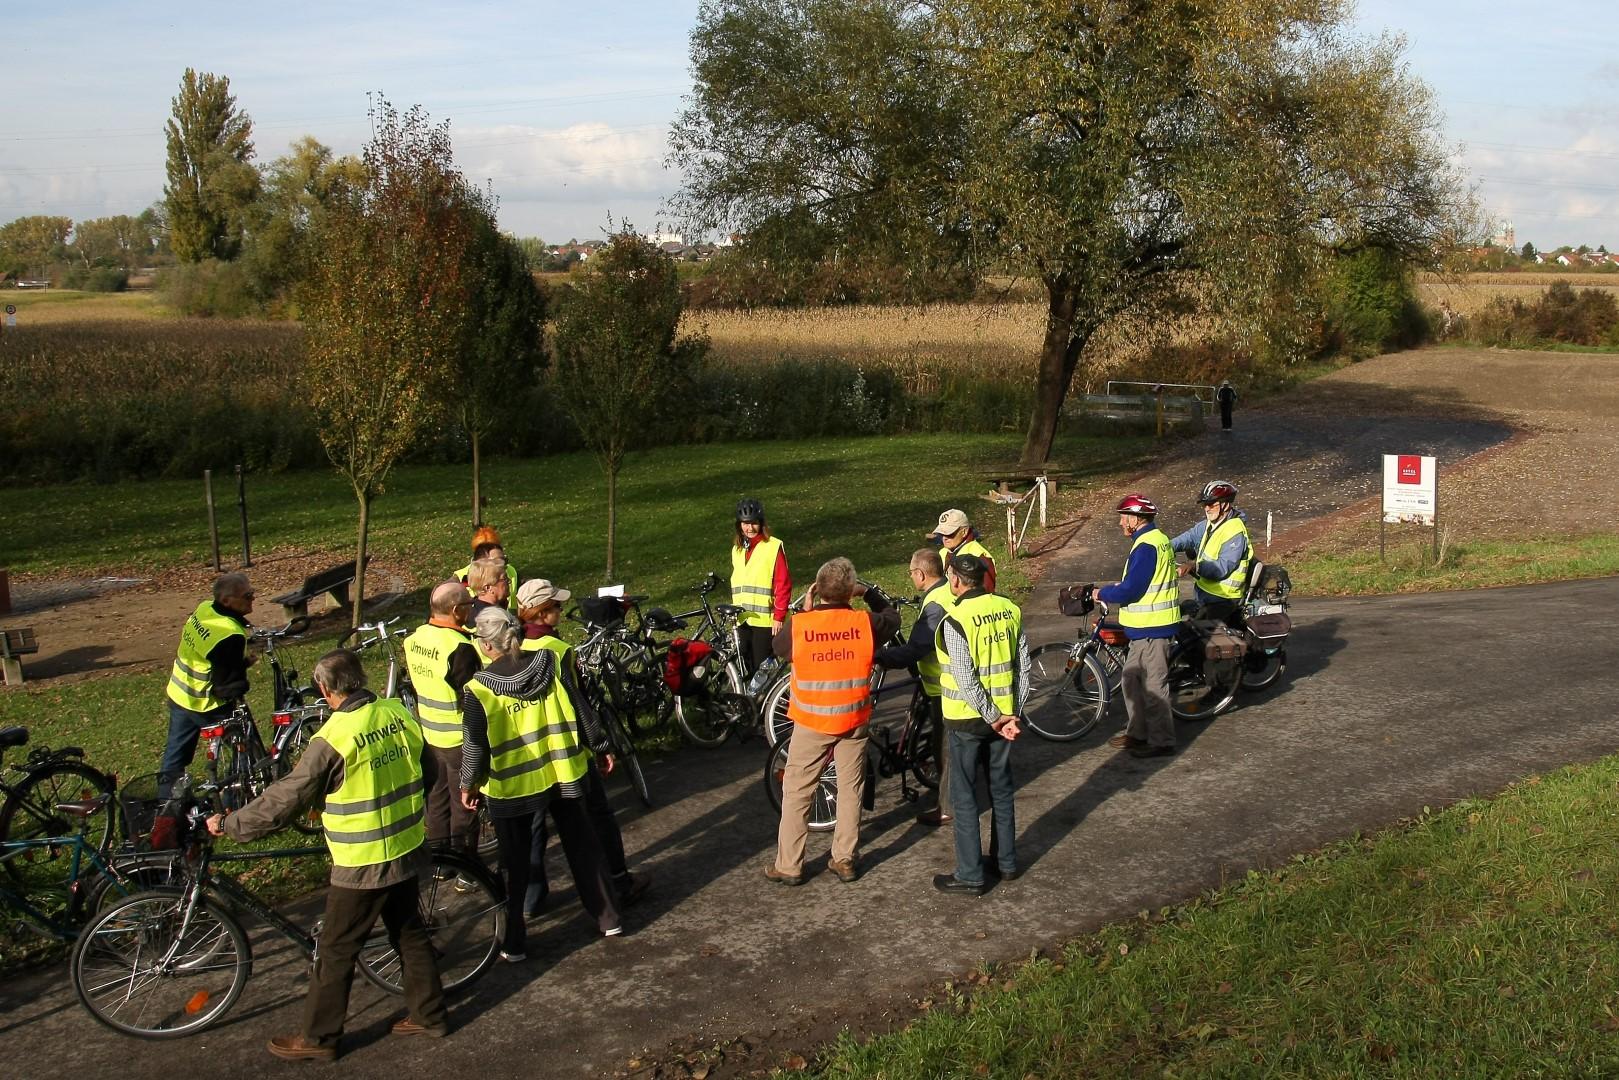 """Ein Gruppe von Fahrradfahrerinnen und -fahrern, die alle Westen mit der Aufschrift """"Umweltradeln"""" tragen,  im Feld"""